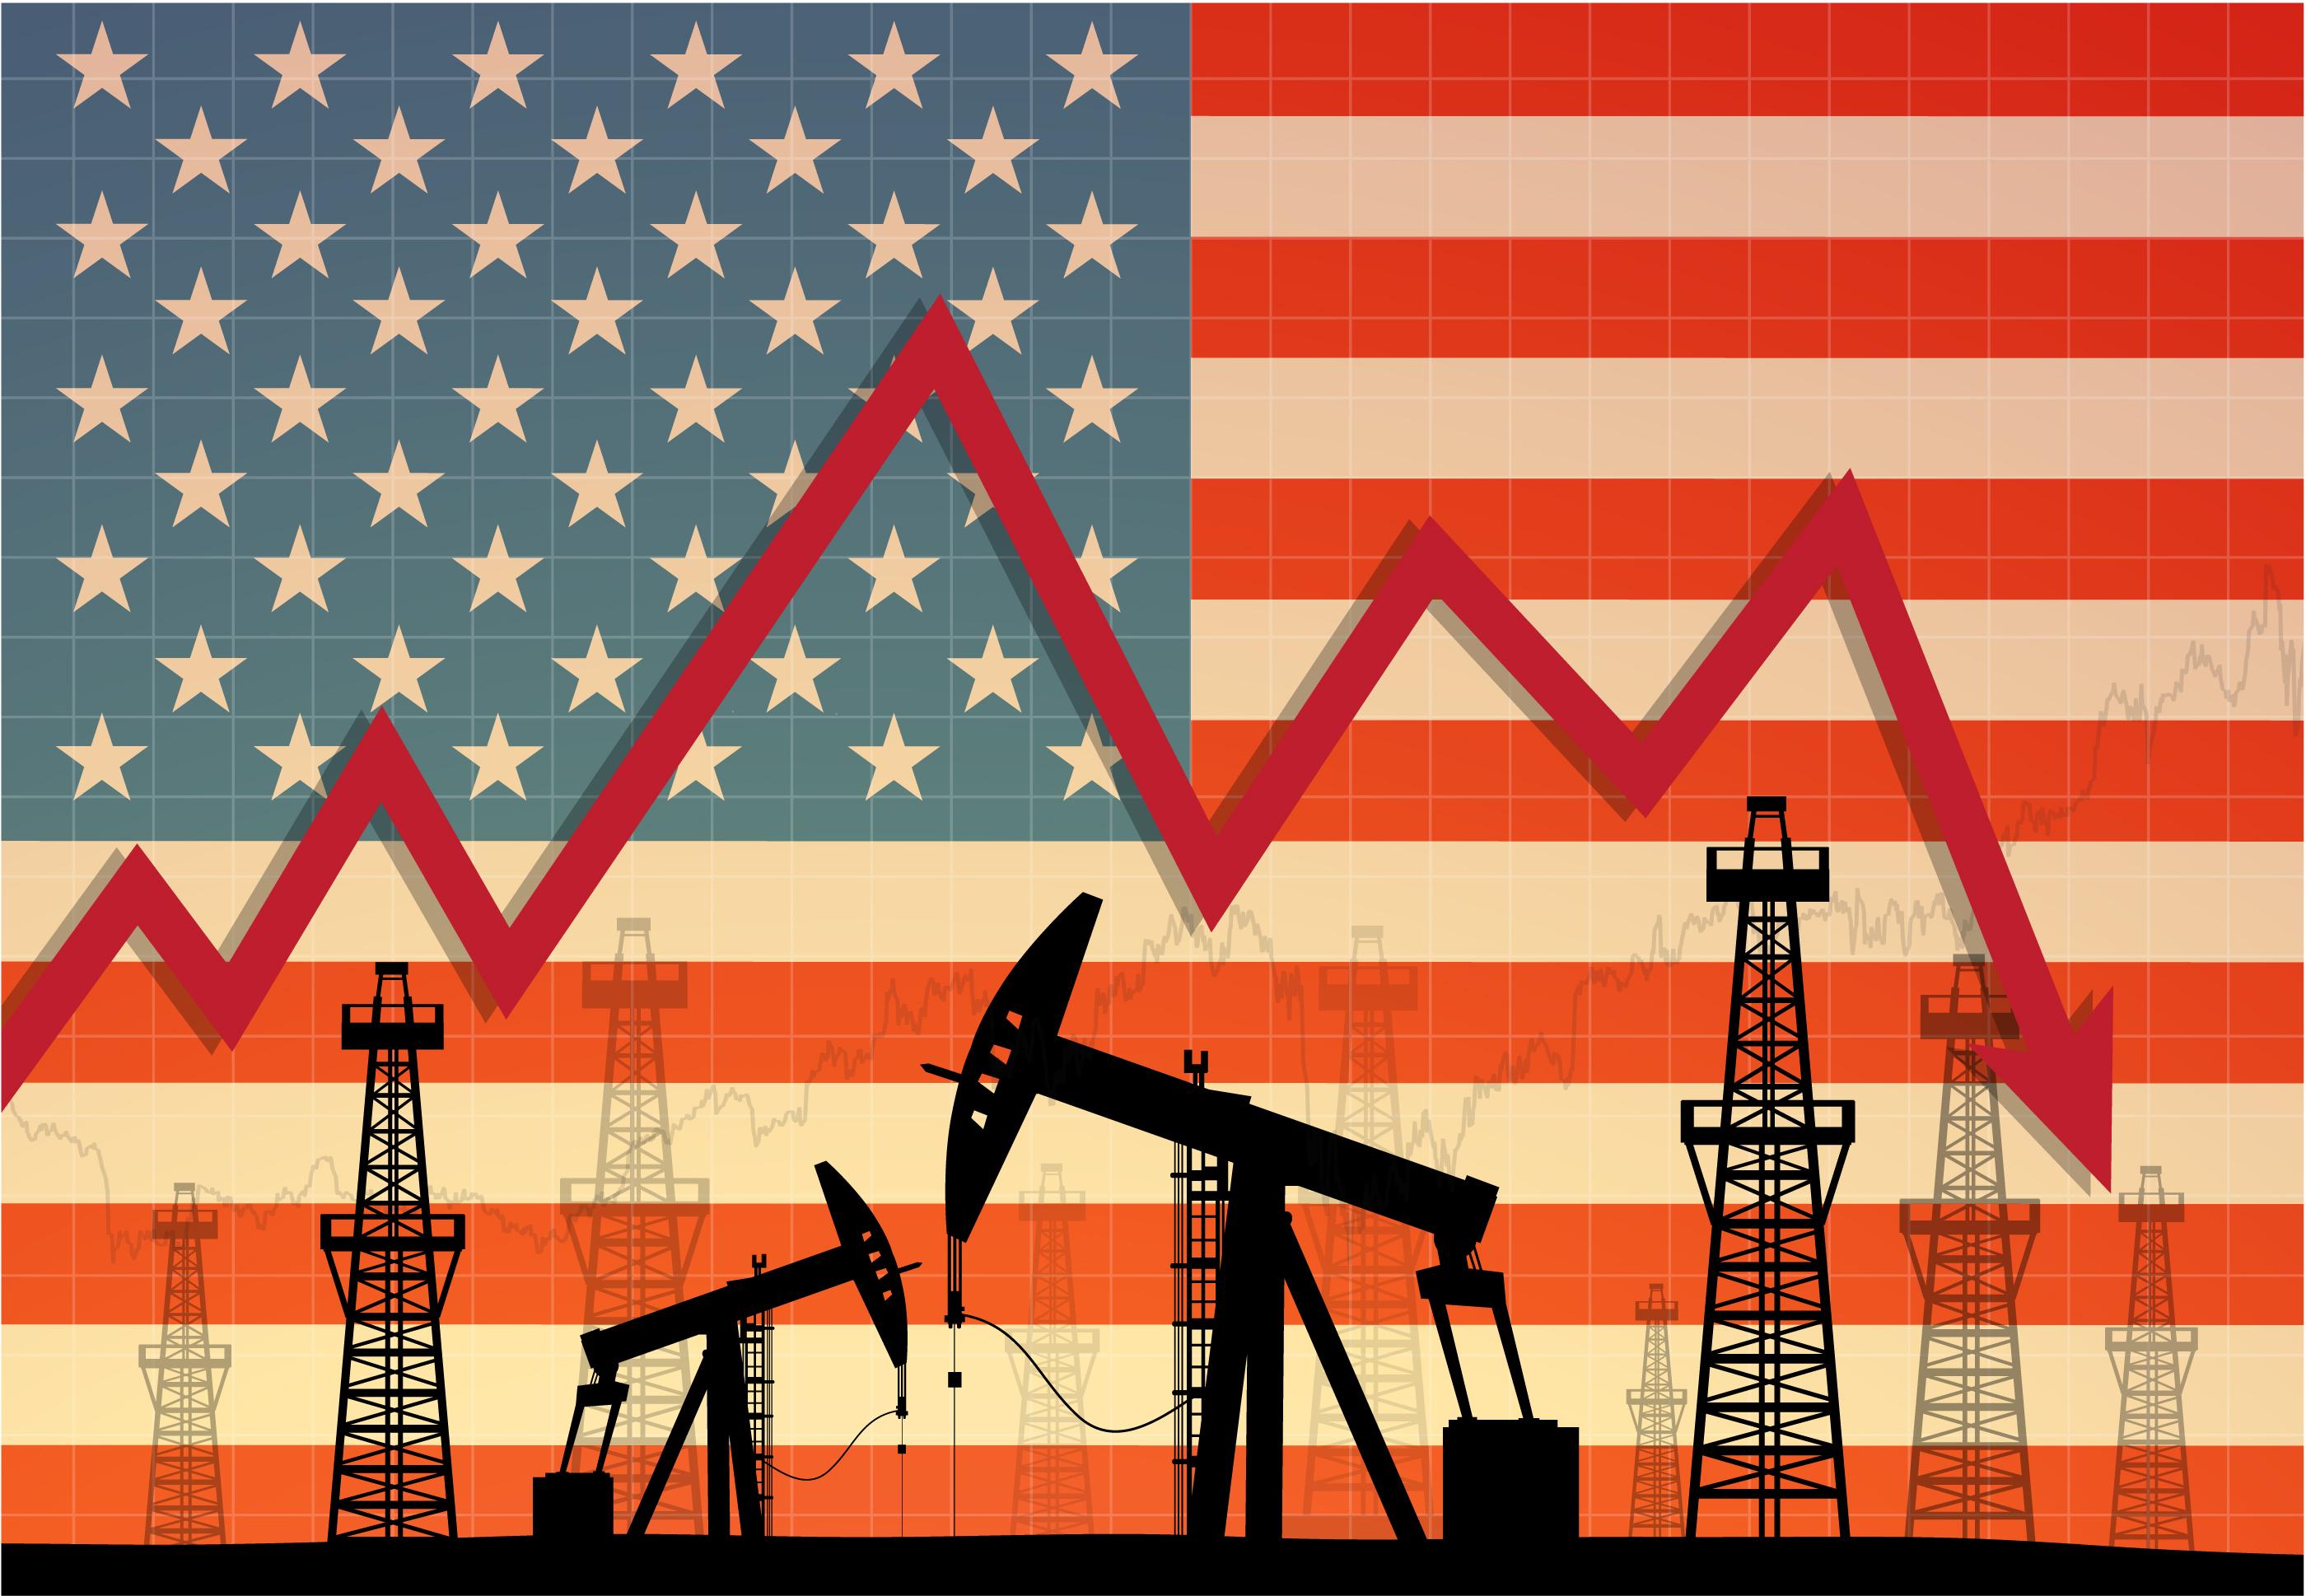 """汽油 四级飓风""""艾达""""登陆美国 墨西哥湾炼油厂全部关闭"""